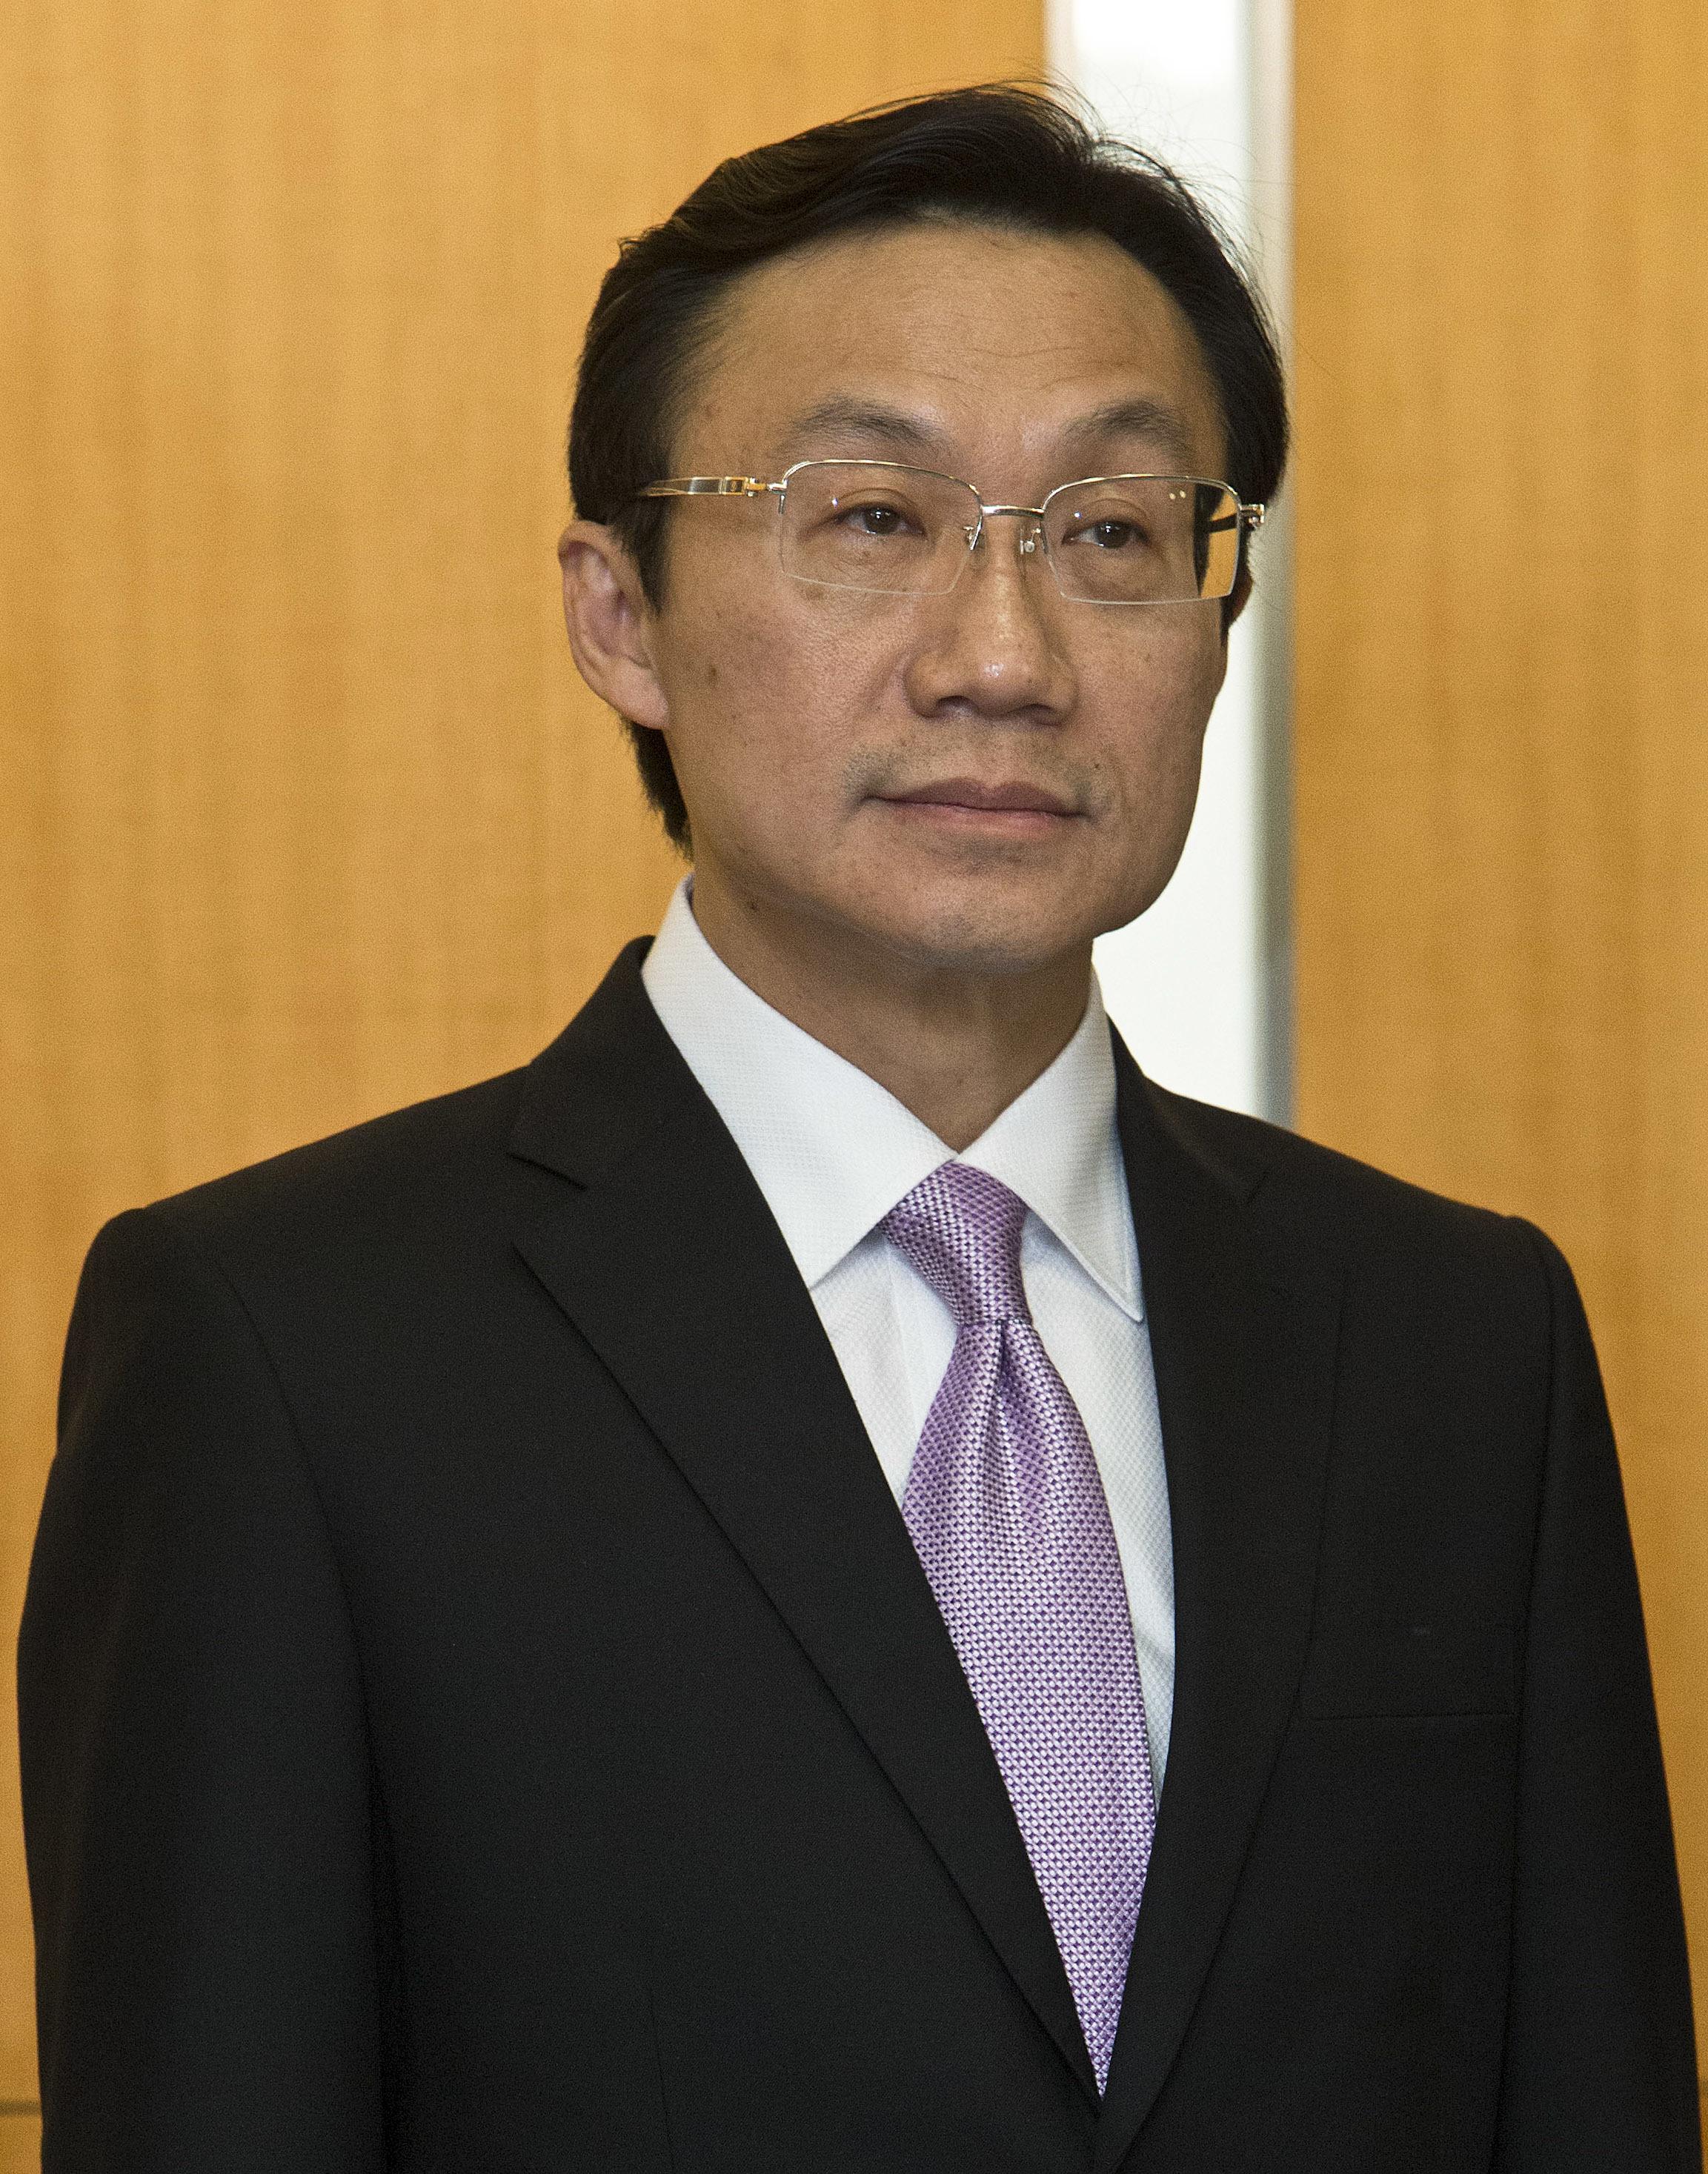 Governo de Macau diz que benefícios sociais aumentaram 14 vezes em 19 anos